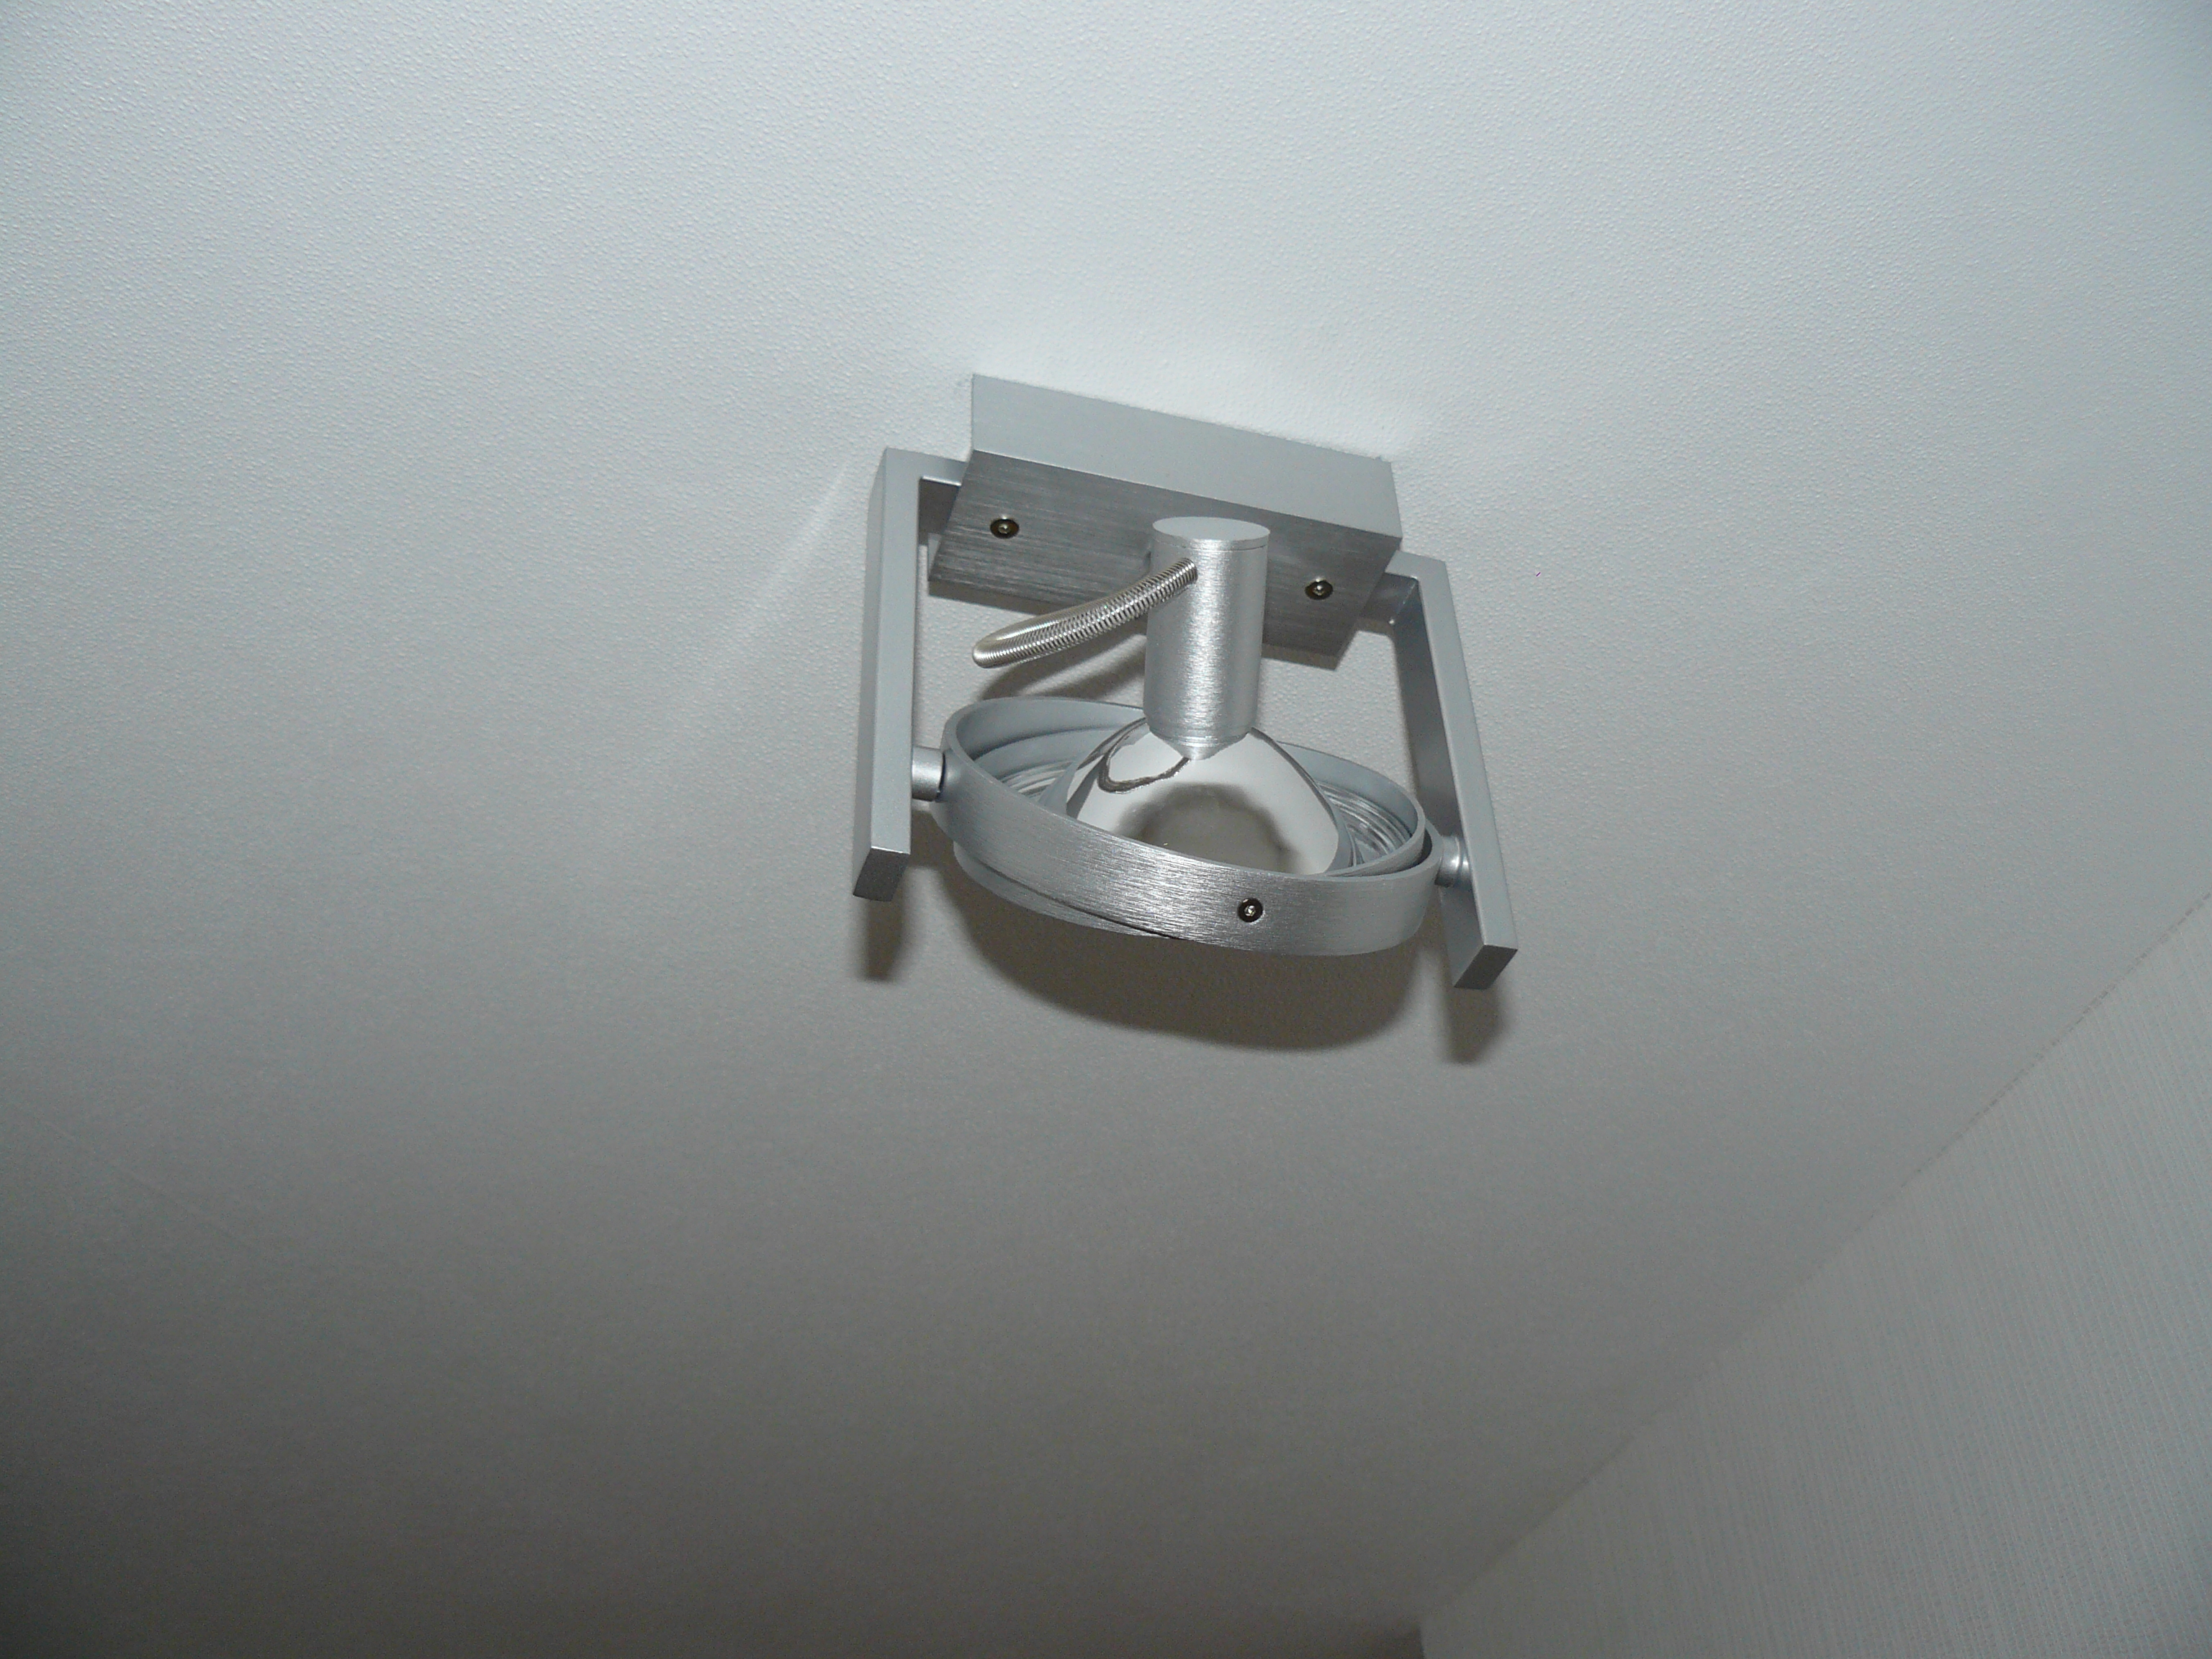 Lampe Flur OG (Rückseite)